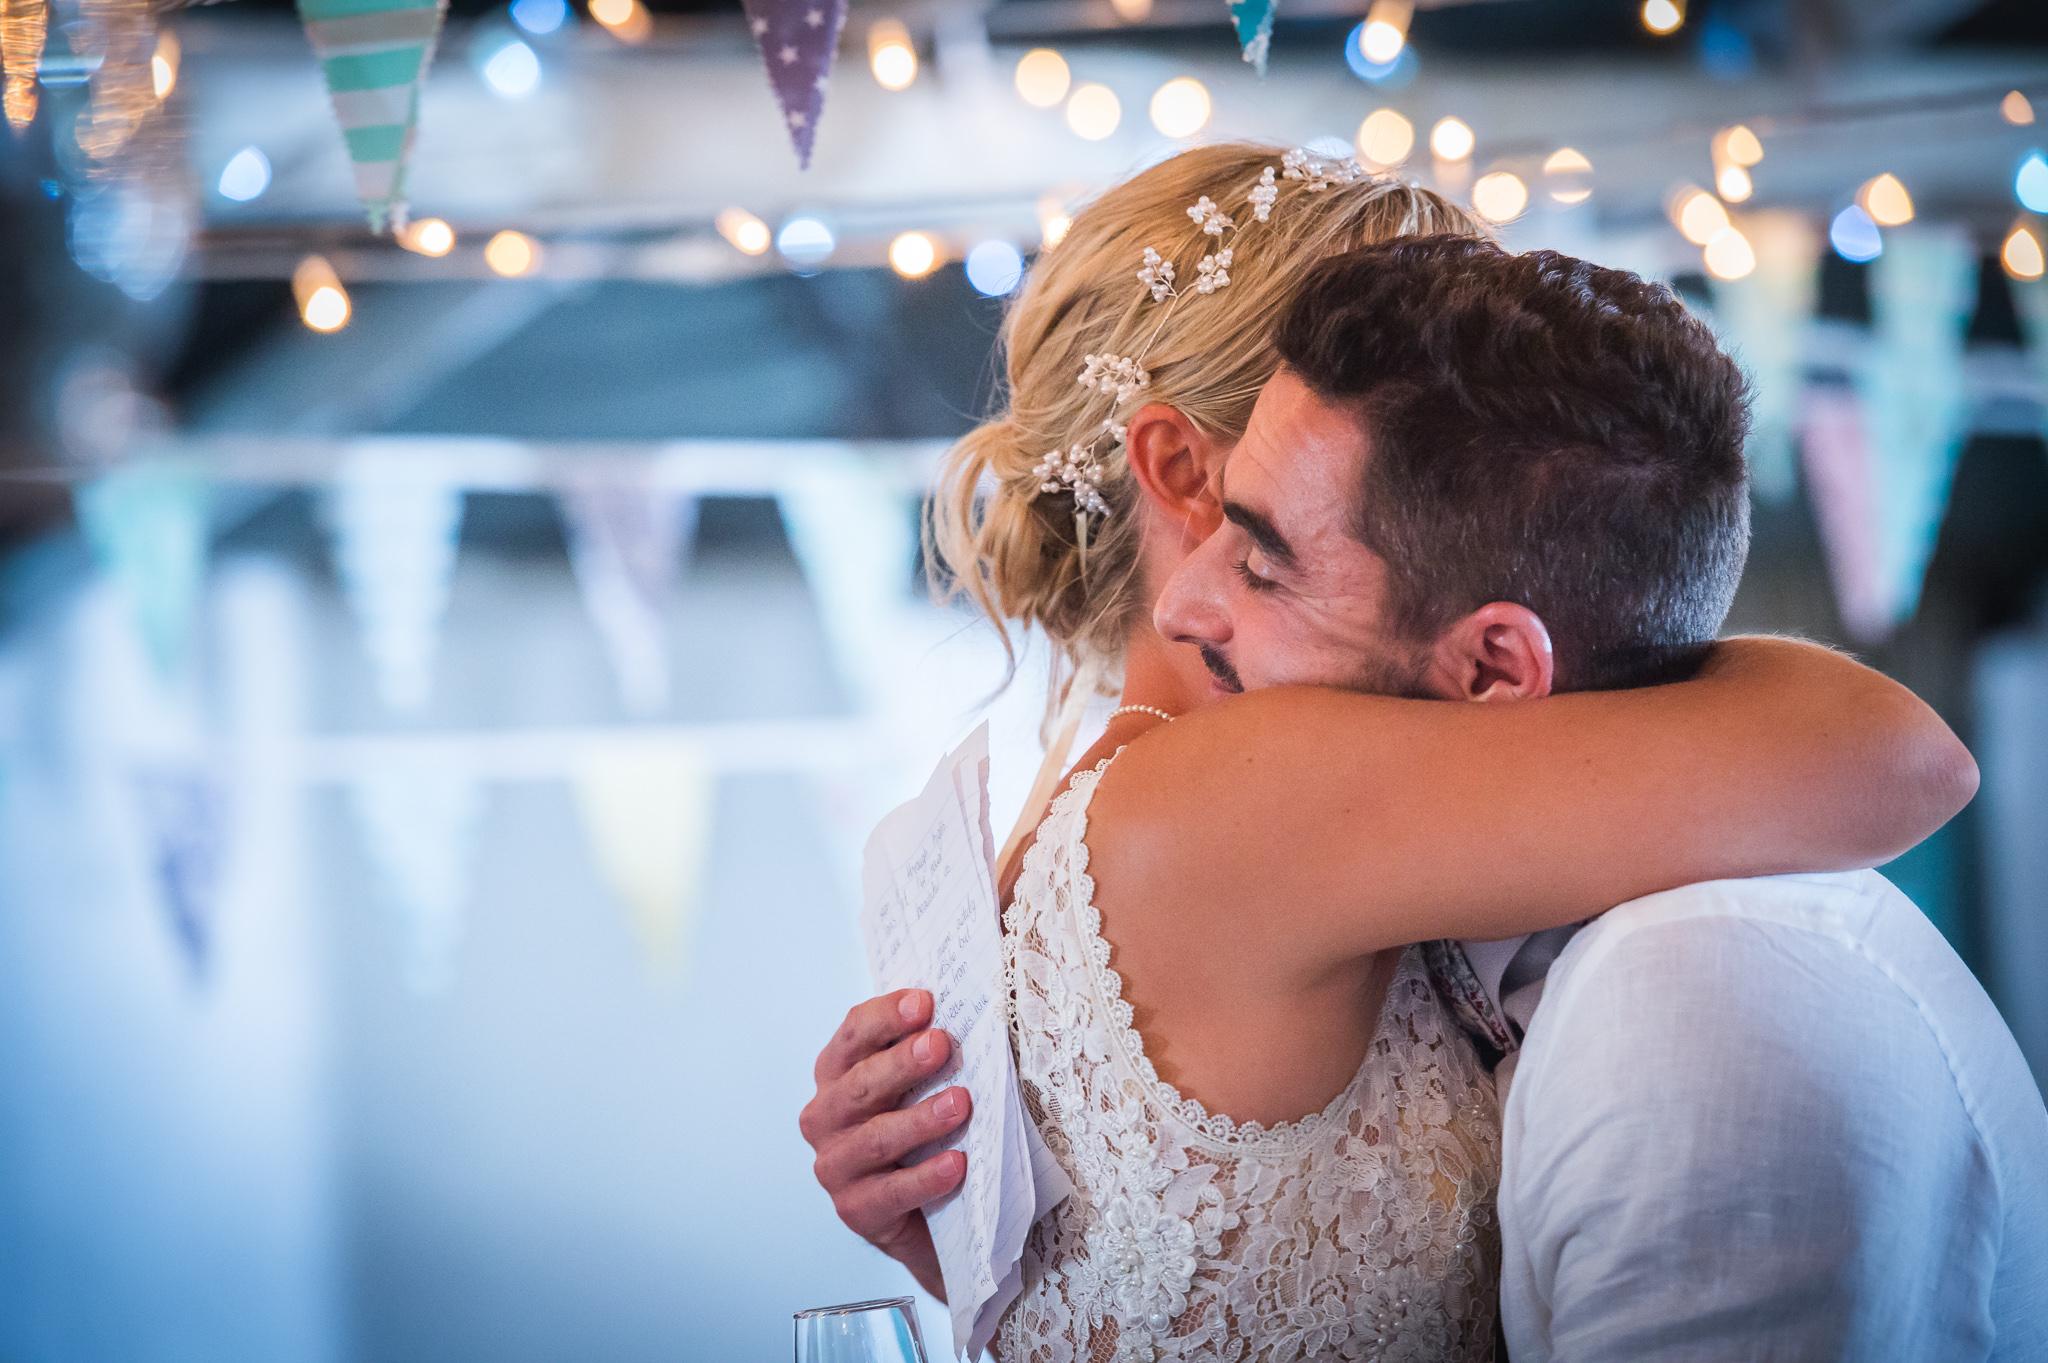 Josh and Debbie Yzerfontein Wedding - Sneak Peak (35 of 36).jpg